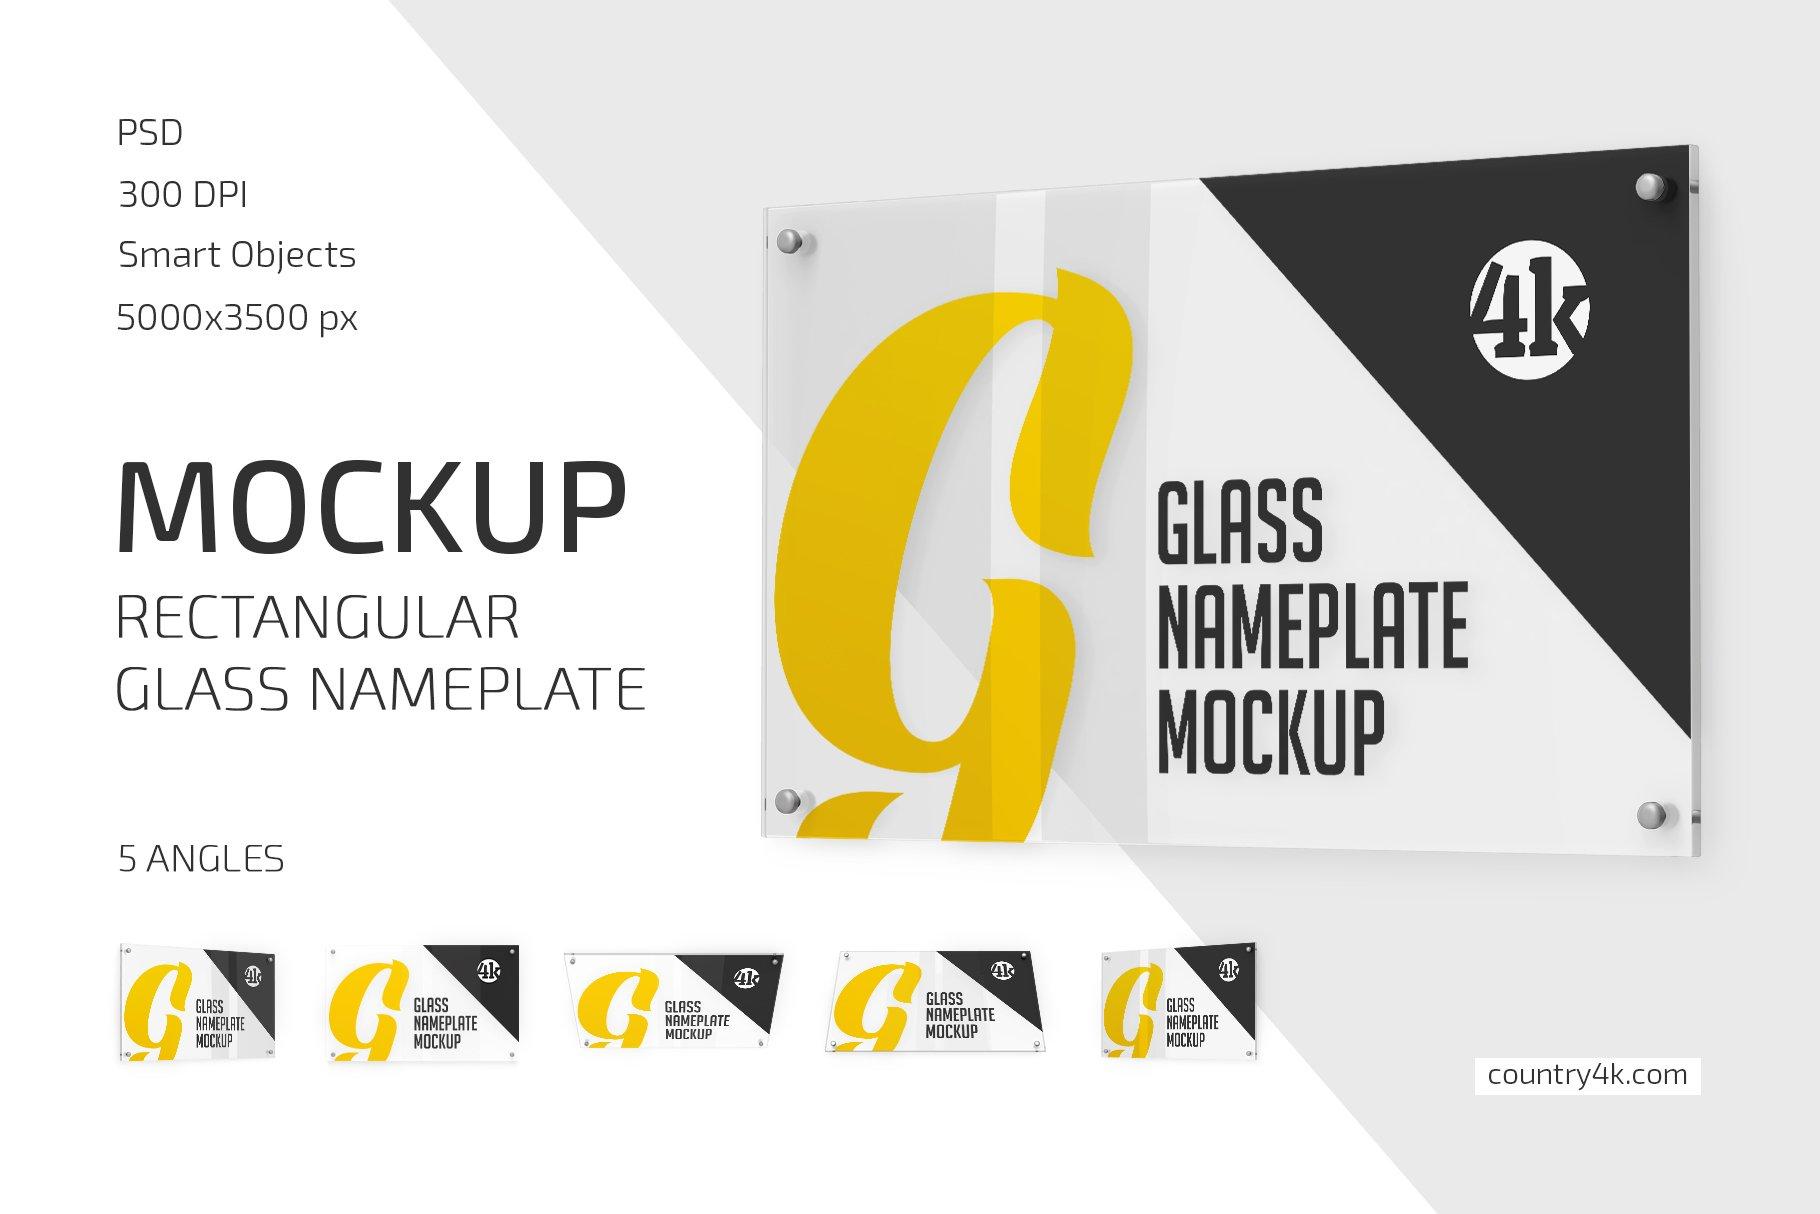 5款矩形玻璃铭牌门牌PSD样机模板 Rectangular Glass Nameplate Mockup插图